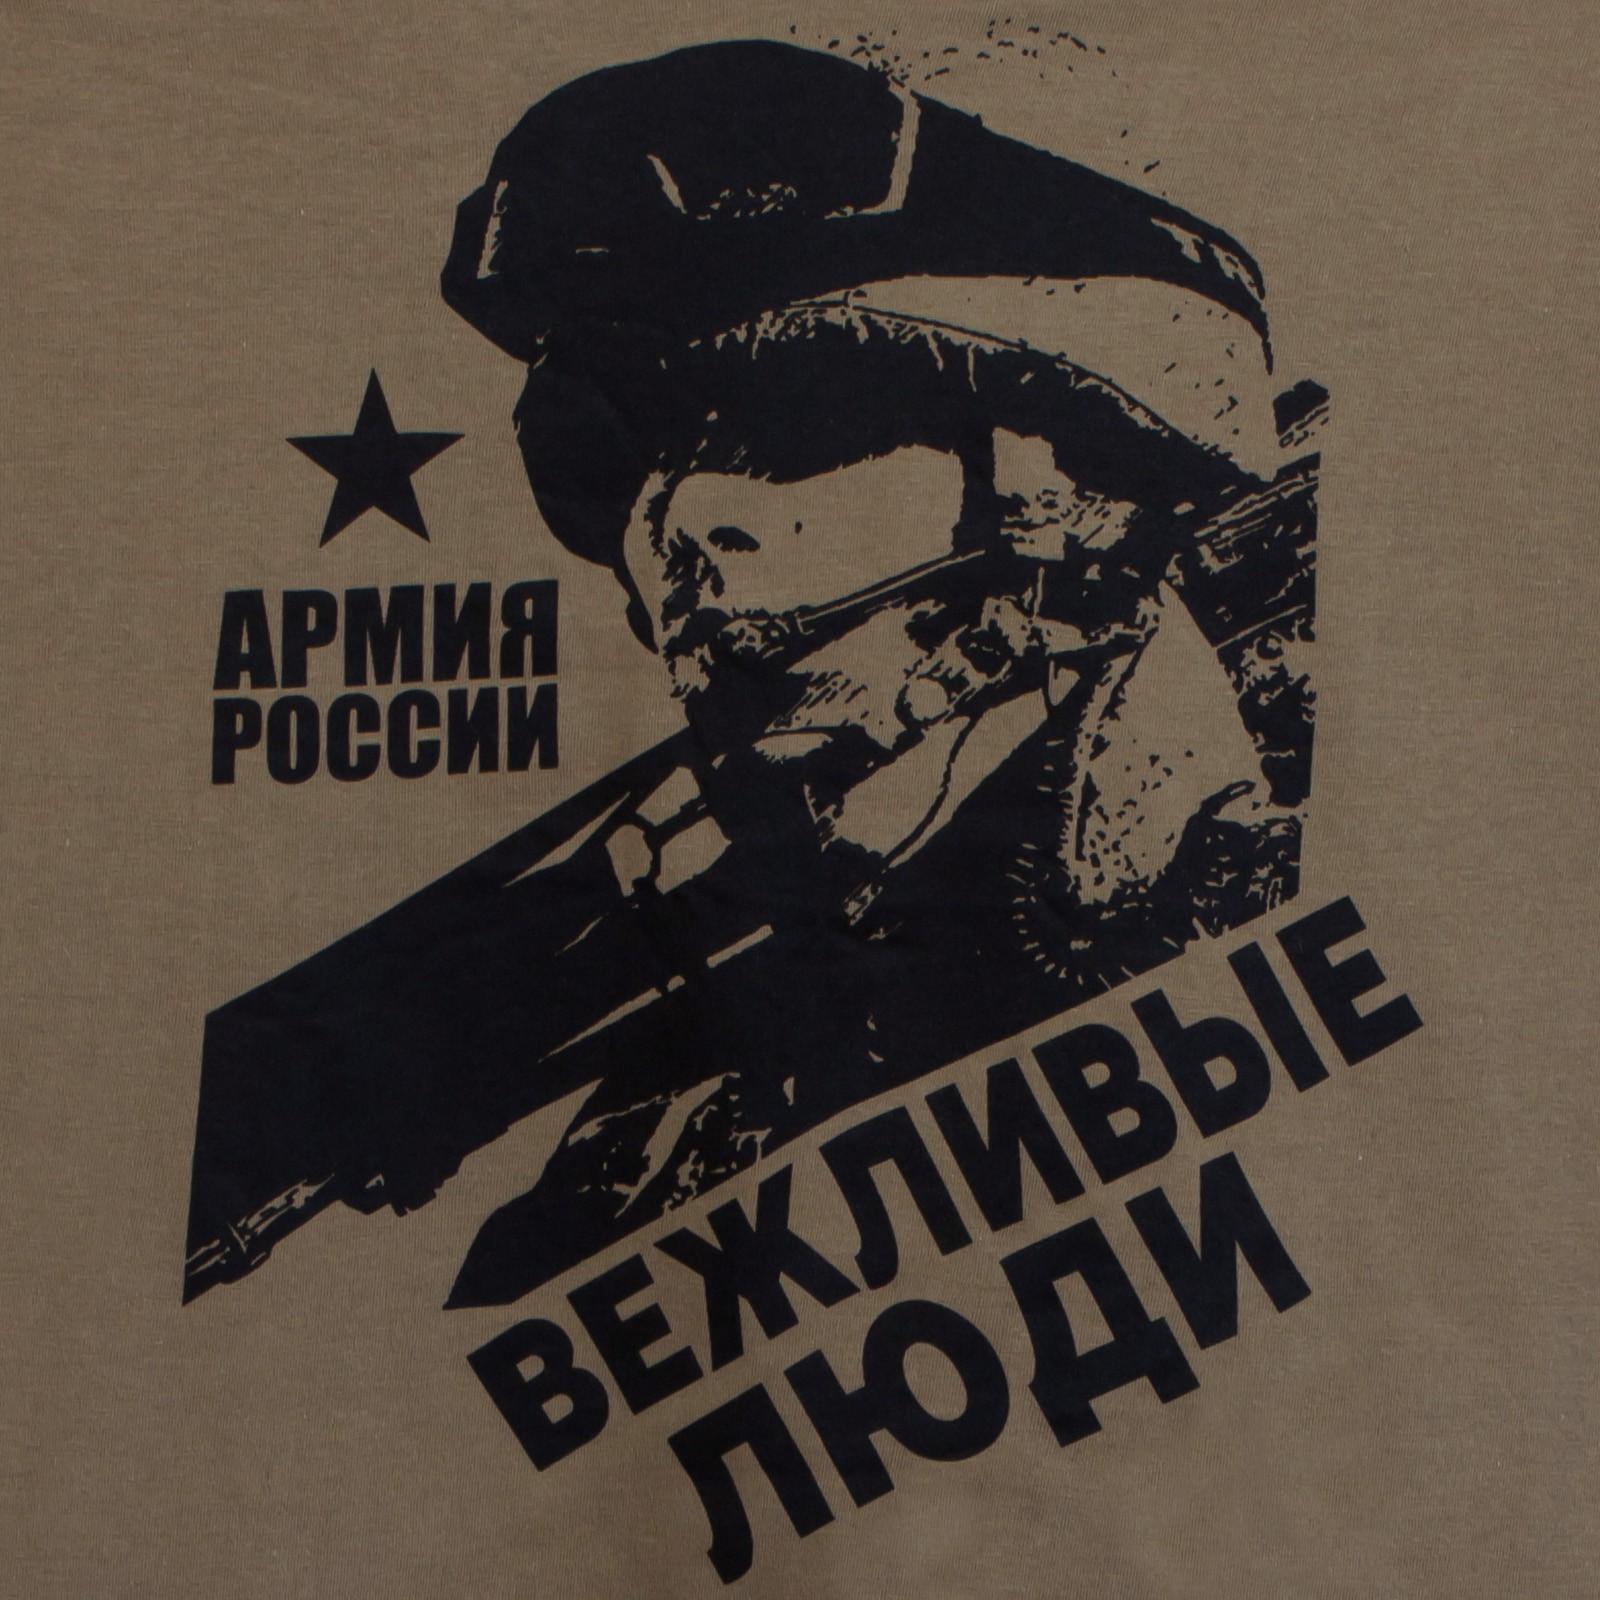 Футболка «Новая вежливая российская армия» с доставкой